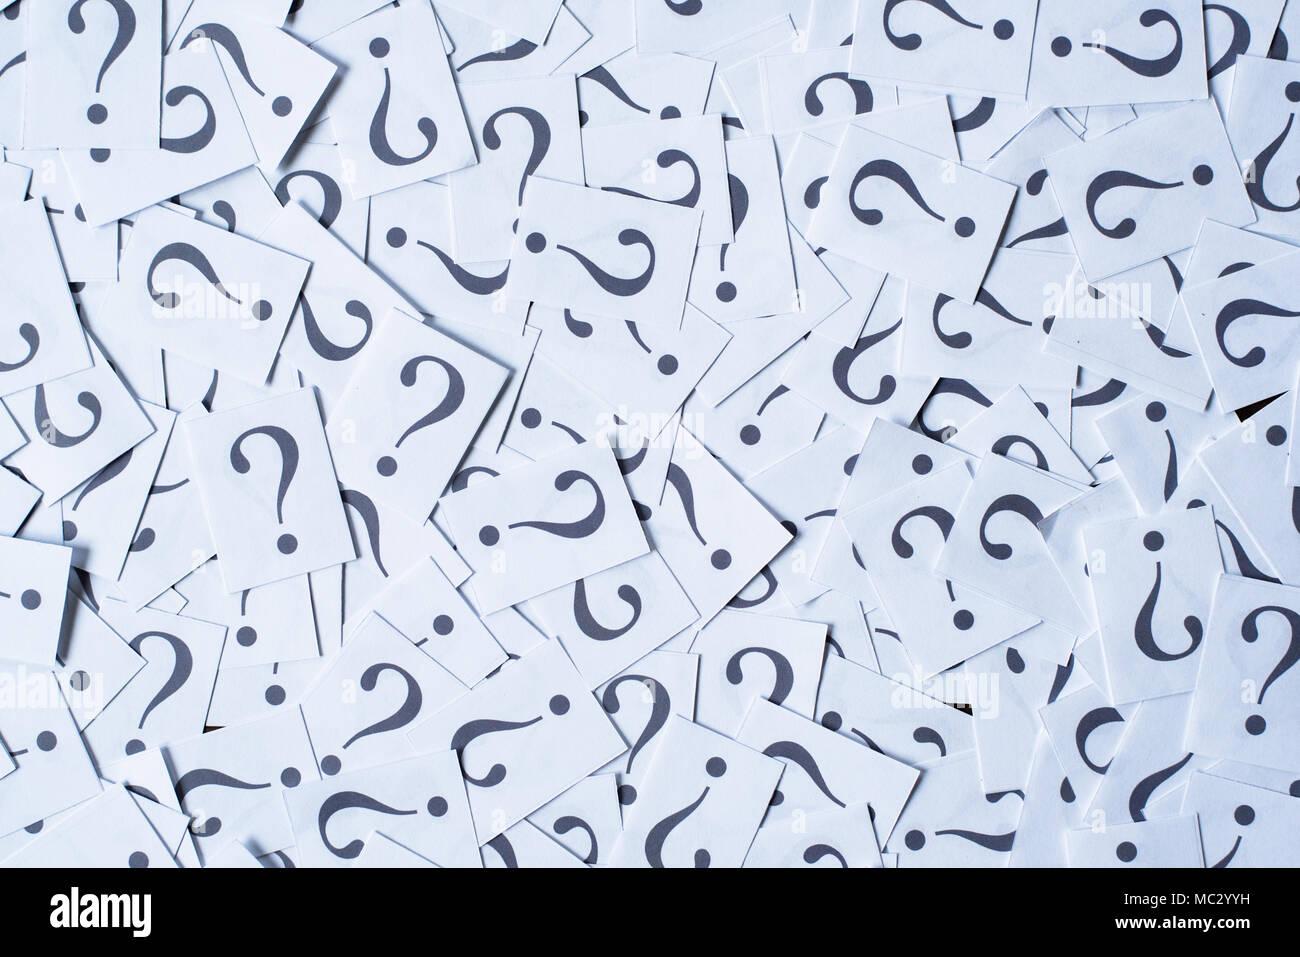 Cumulo di carta bianca nota con un punto interrogativo come sfondo. FAQ e Q&un concetto Foto Stock